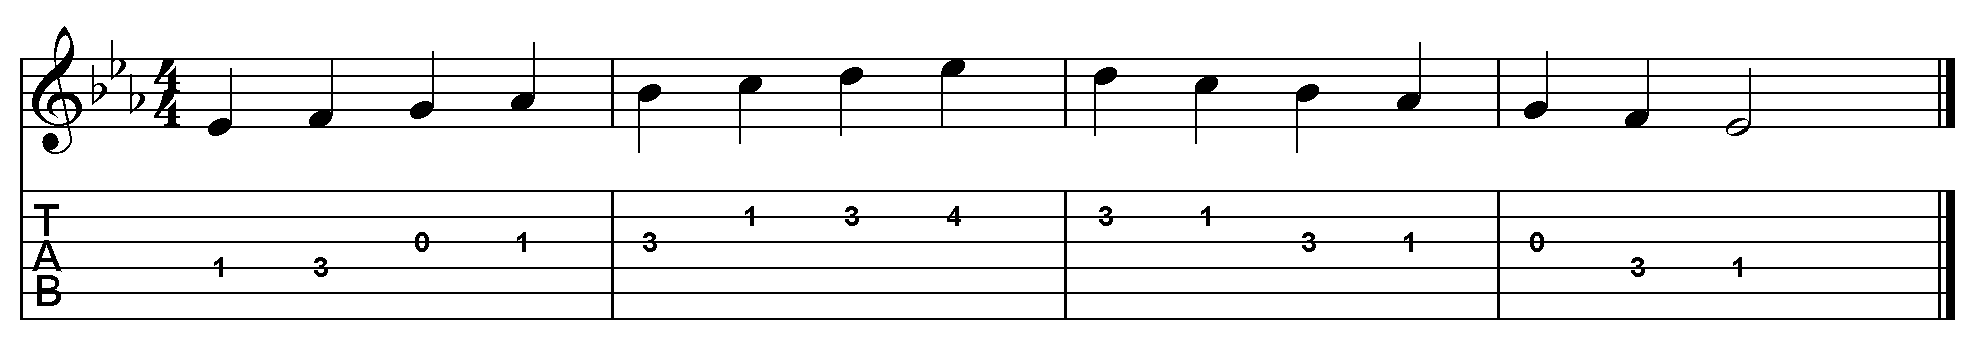 Flat: E Flat Major Scale